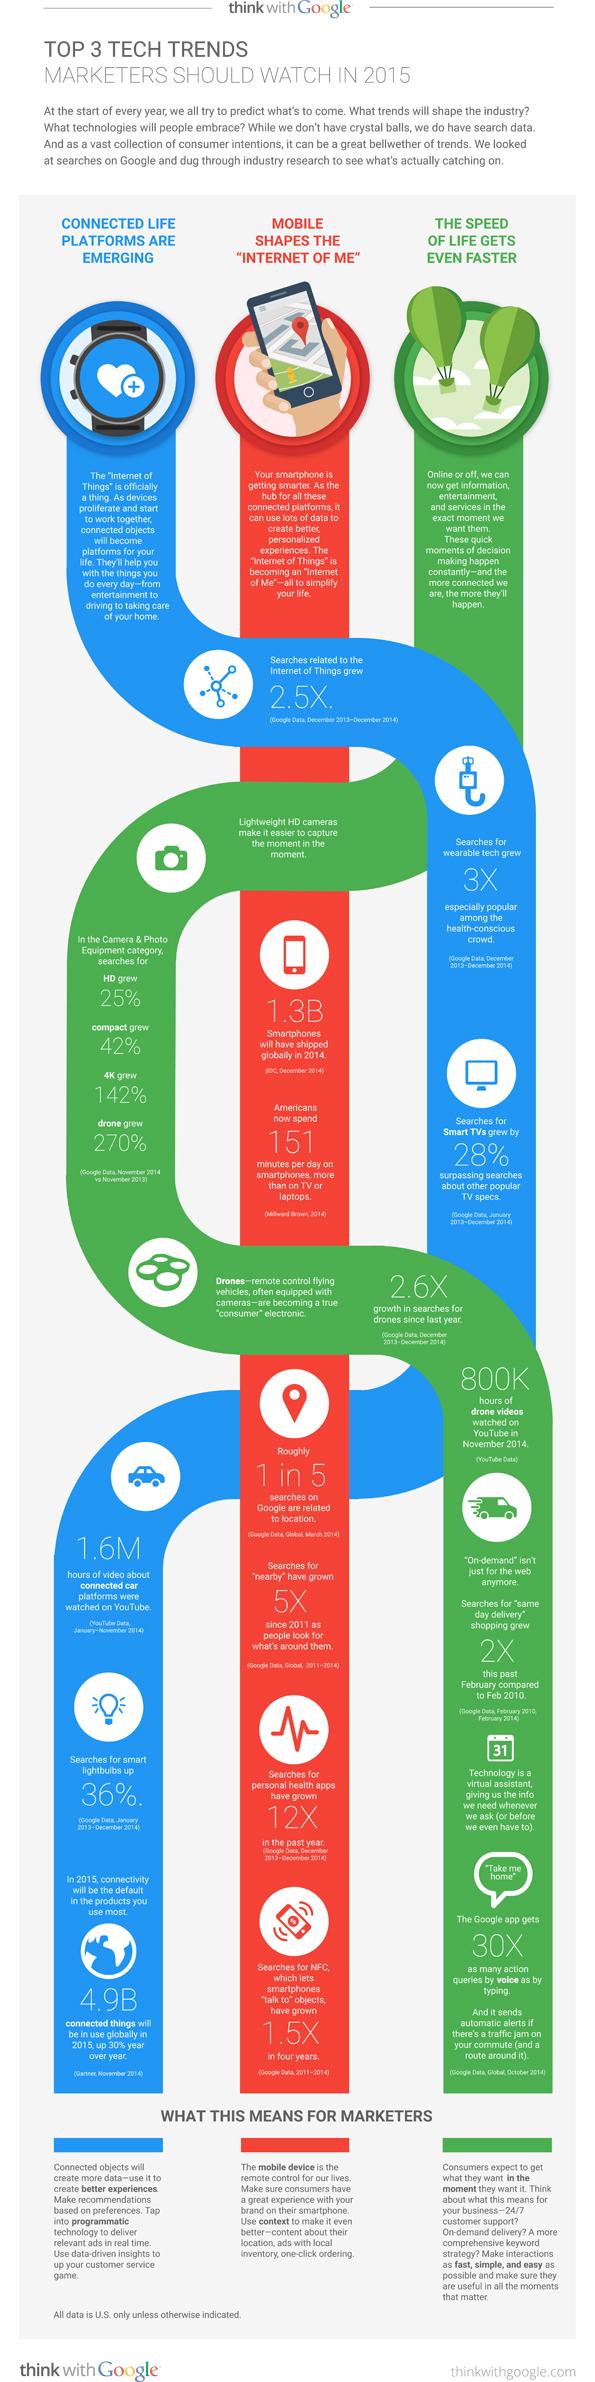 Google dévoile 3 tendances pour 2015 en marketing